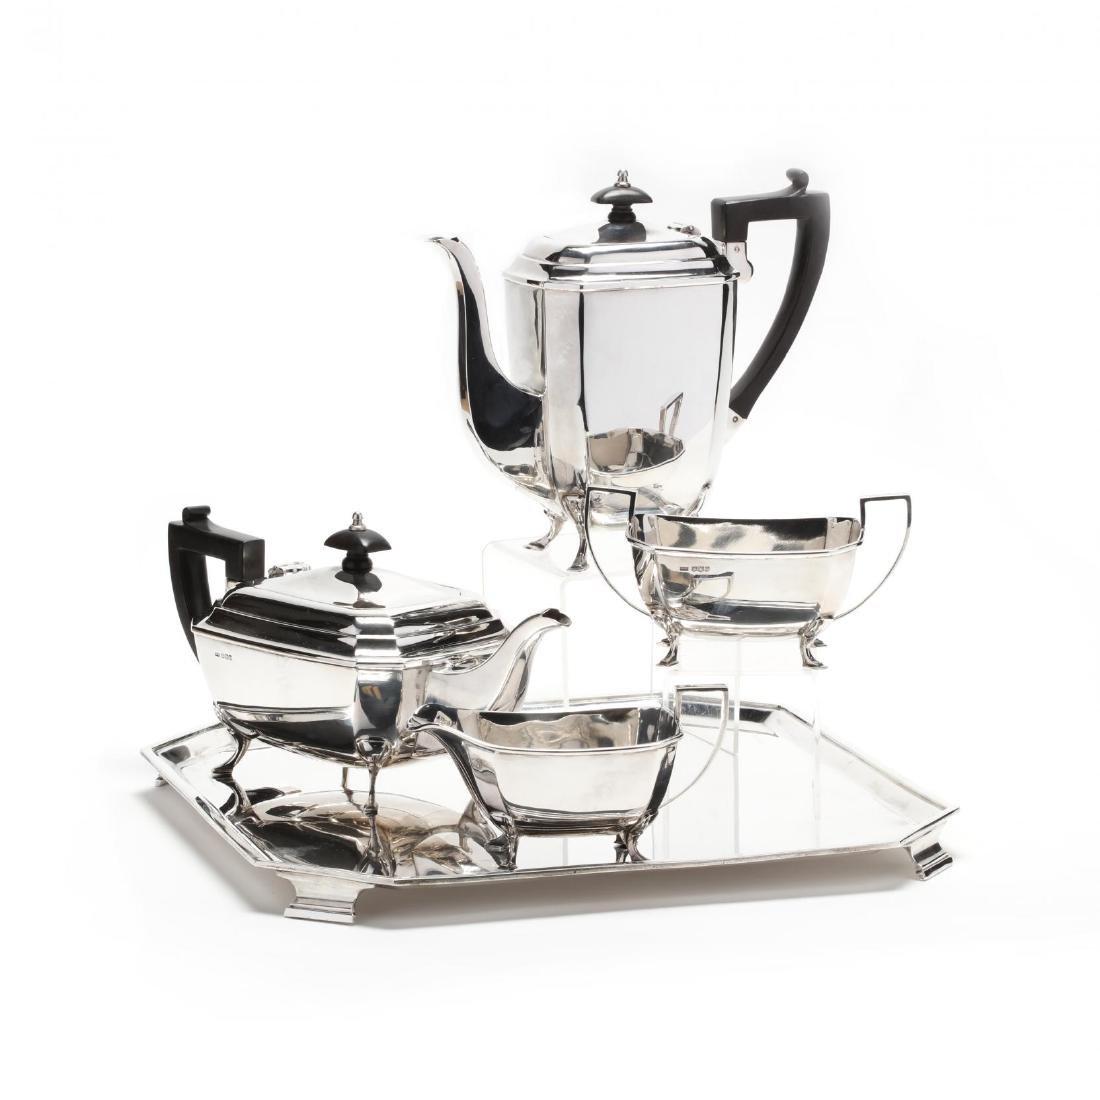 Elizabeth II Silver Tea & Coffee Service in the Art